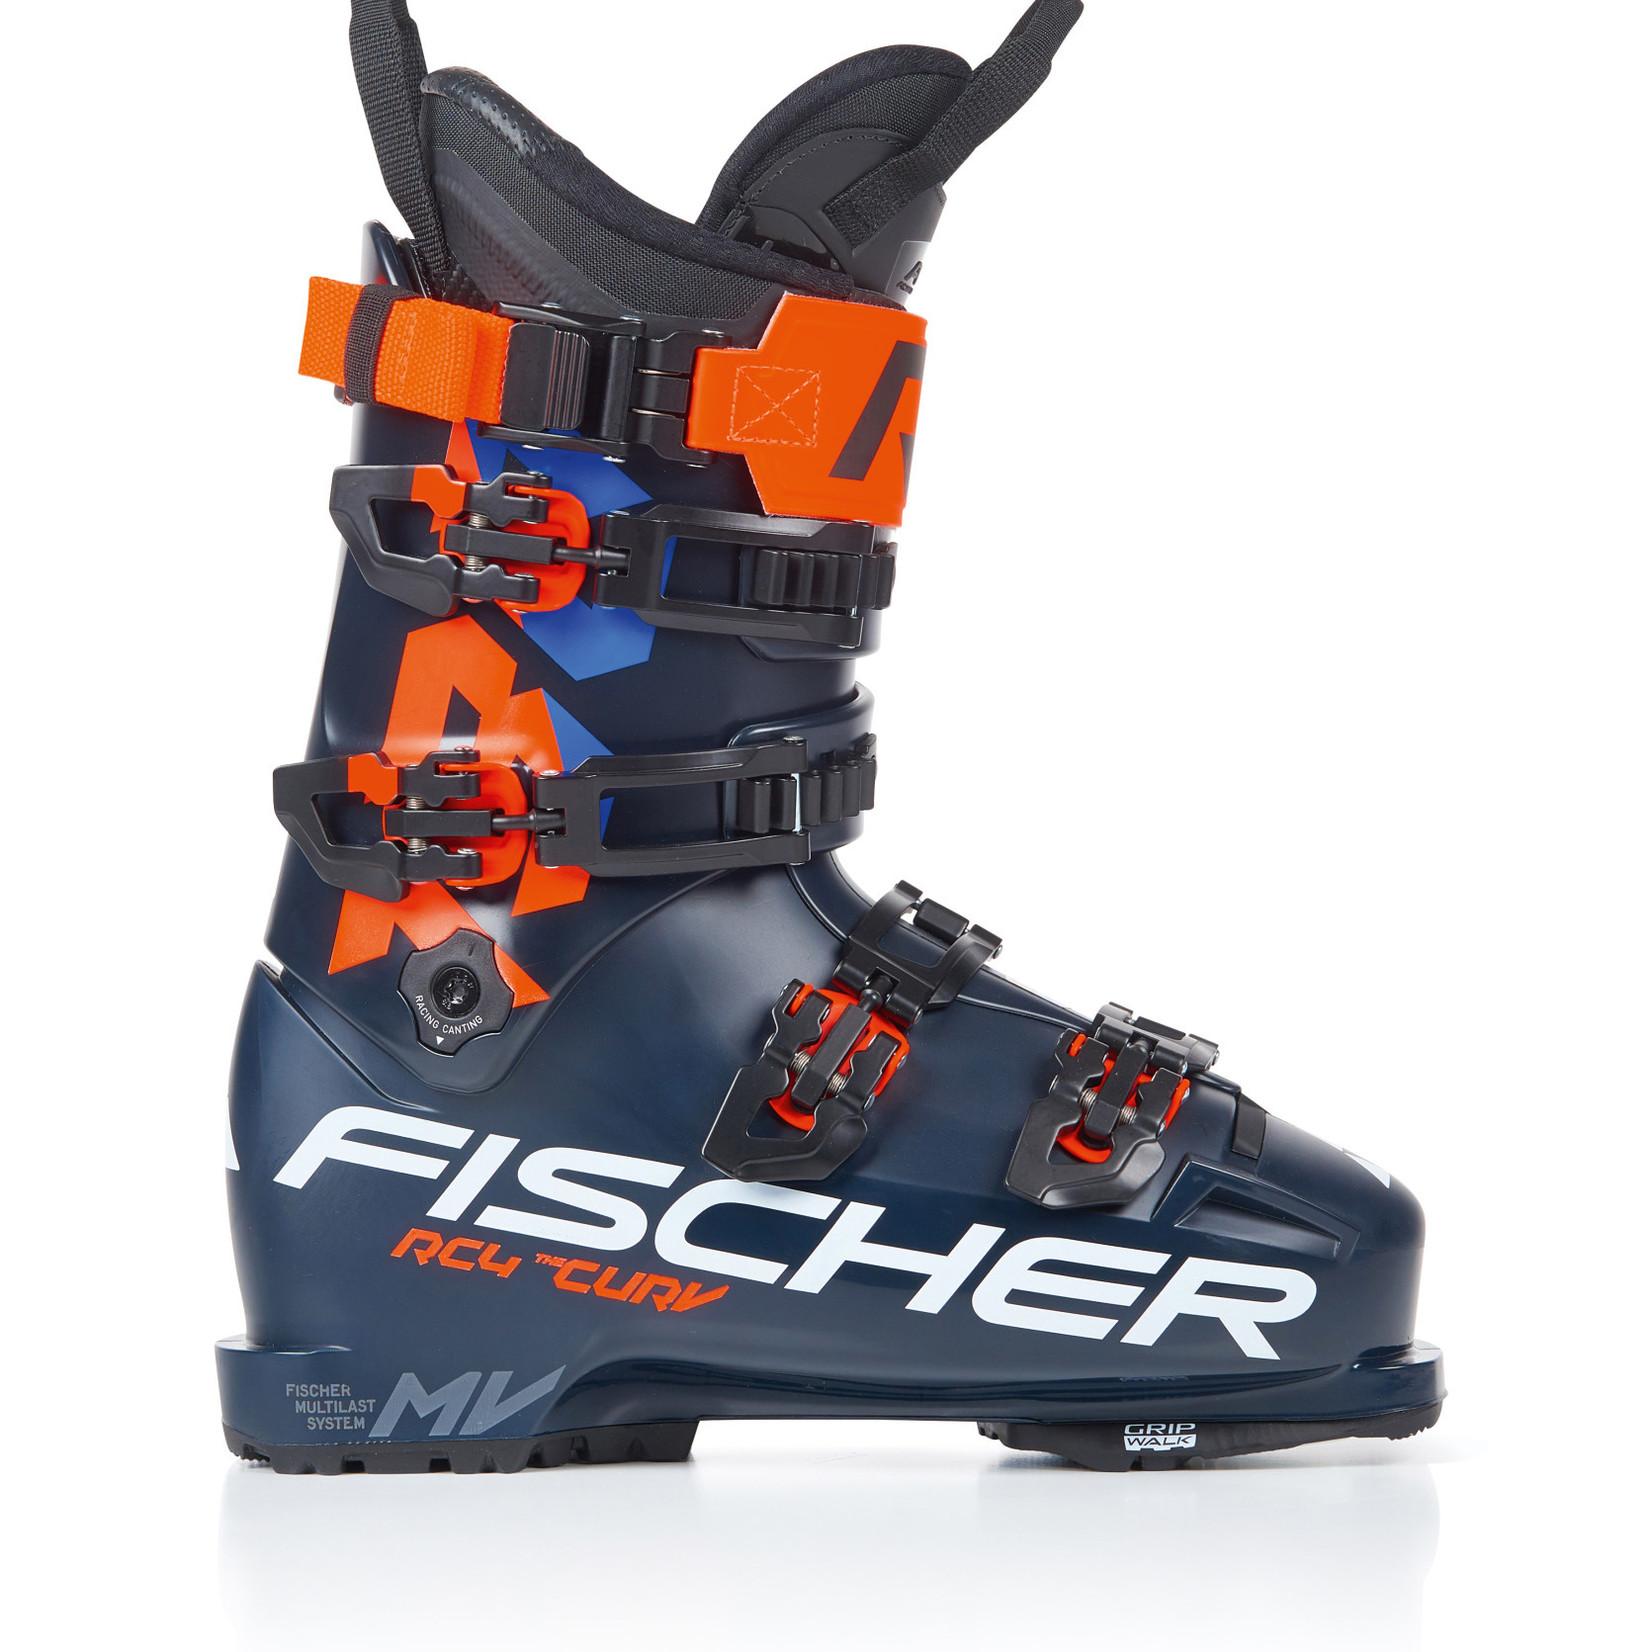 Fischer Fischer RC4 The Curv 130 vac walk